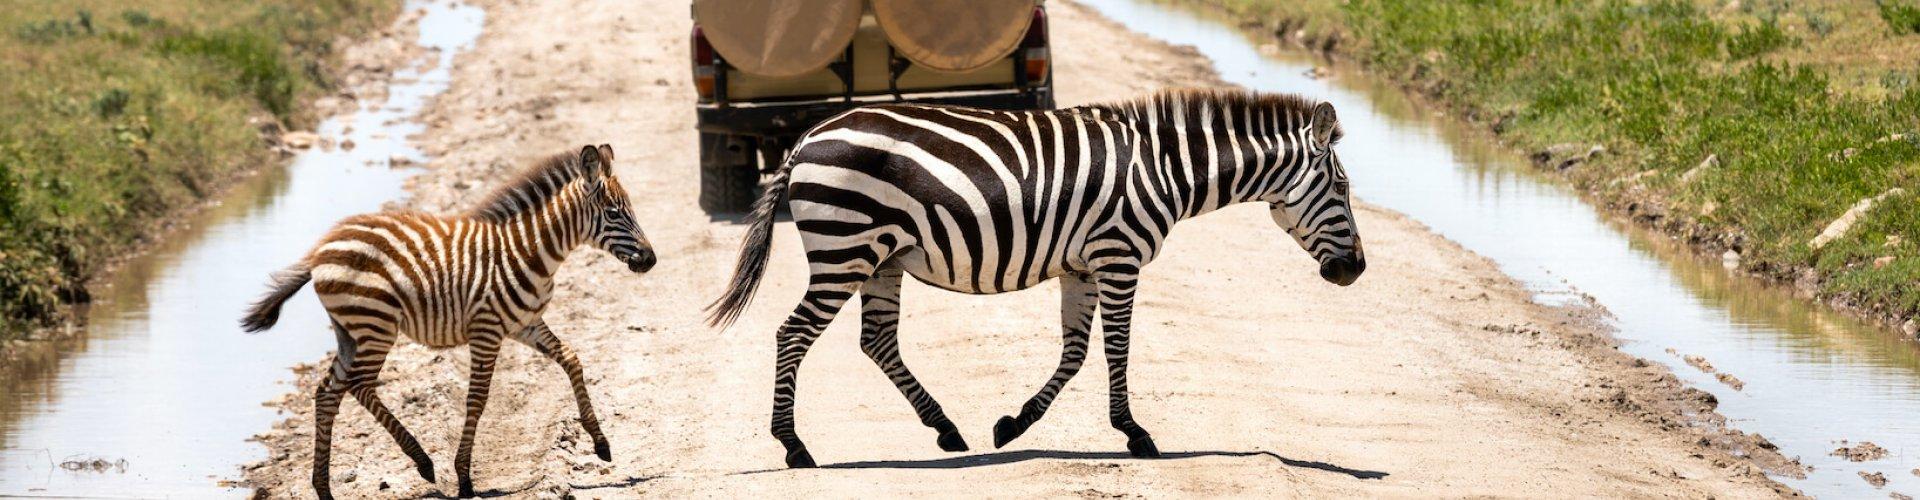 Ausflugsziel Safari Zoo